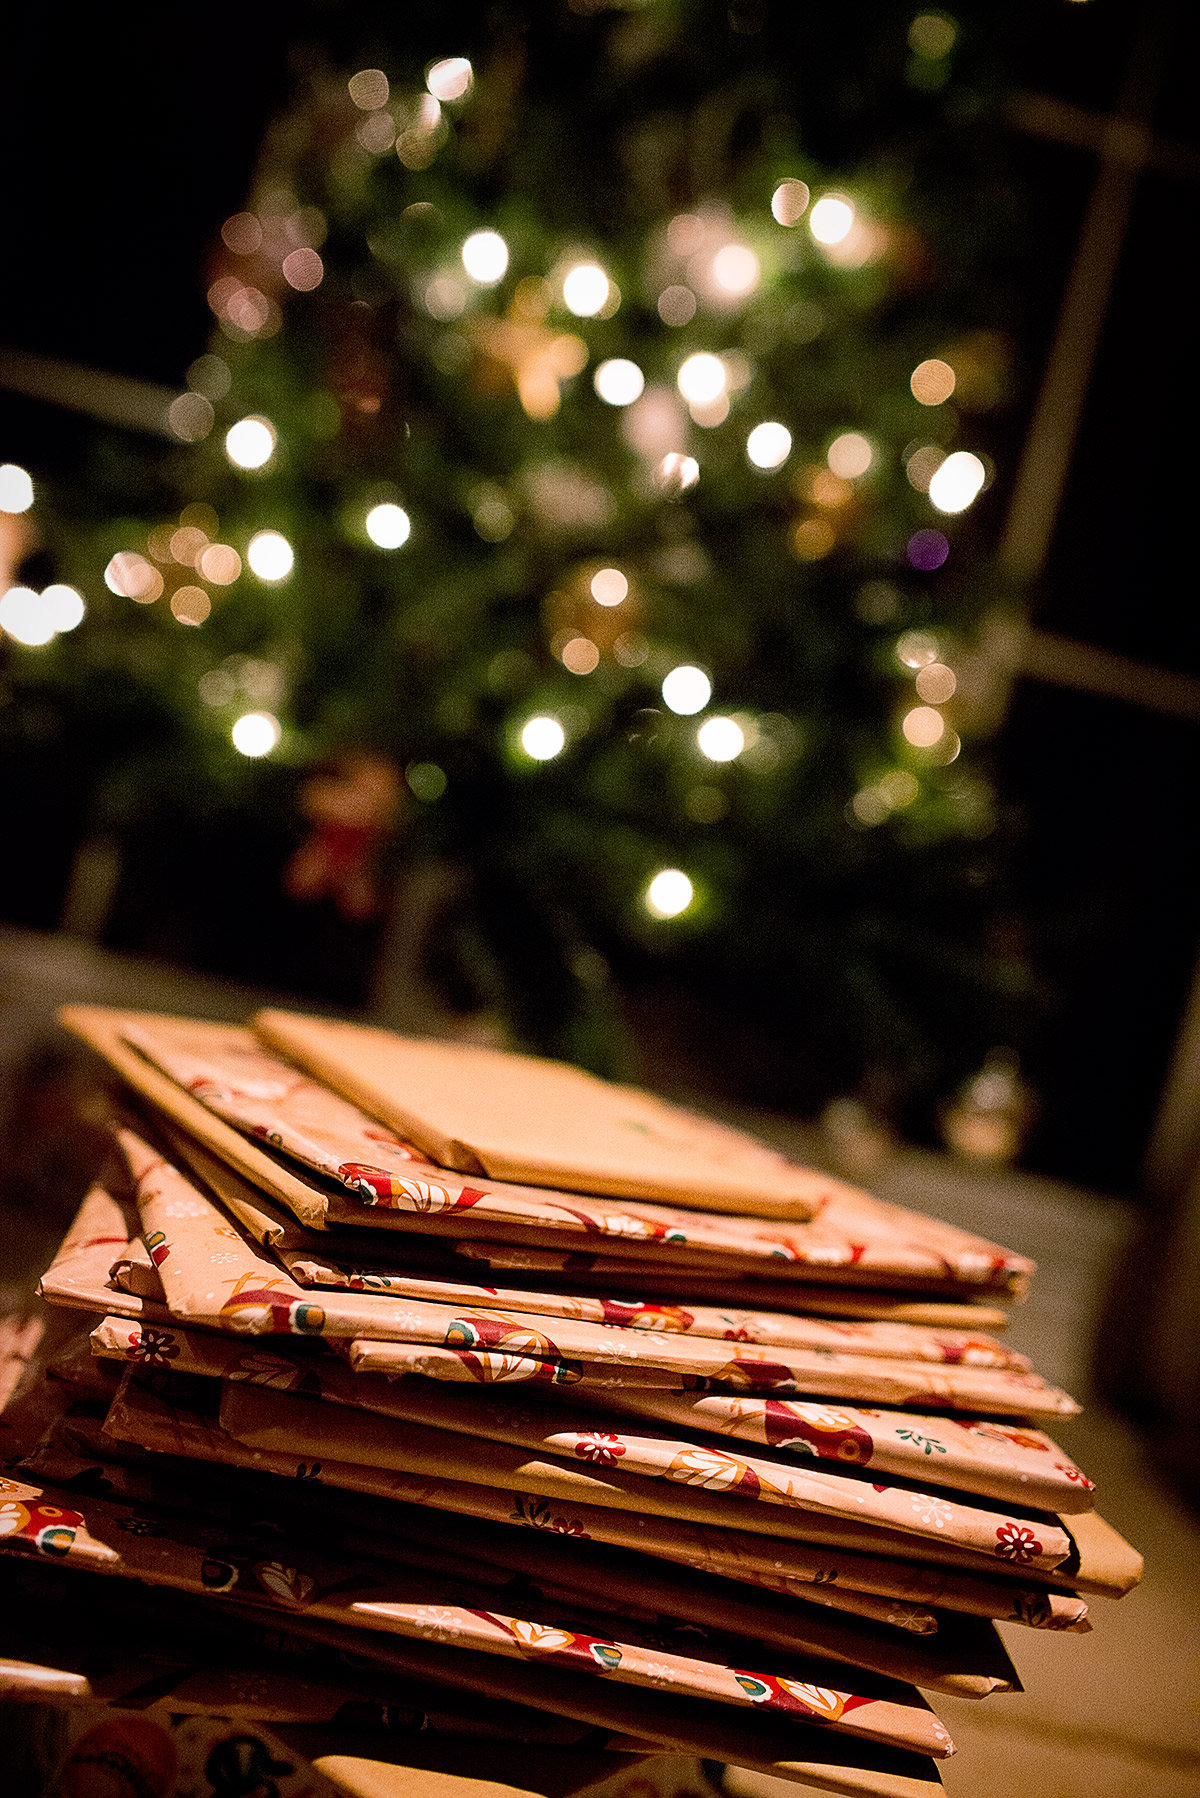 a-festive-day-14-j